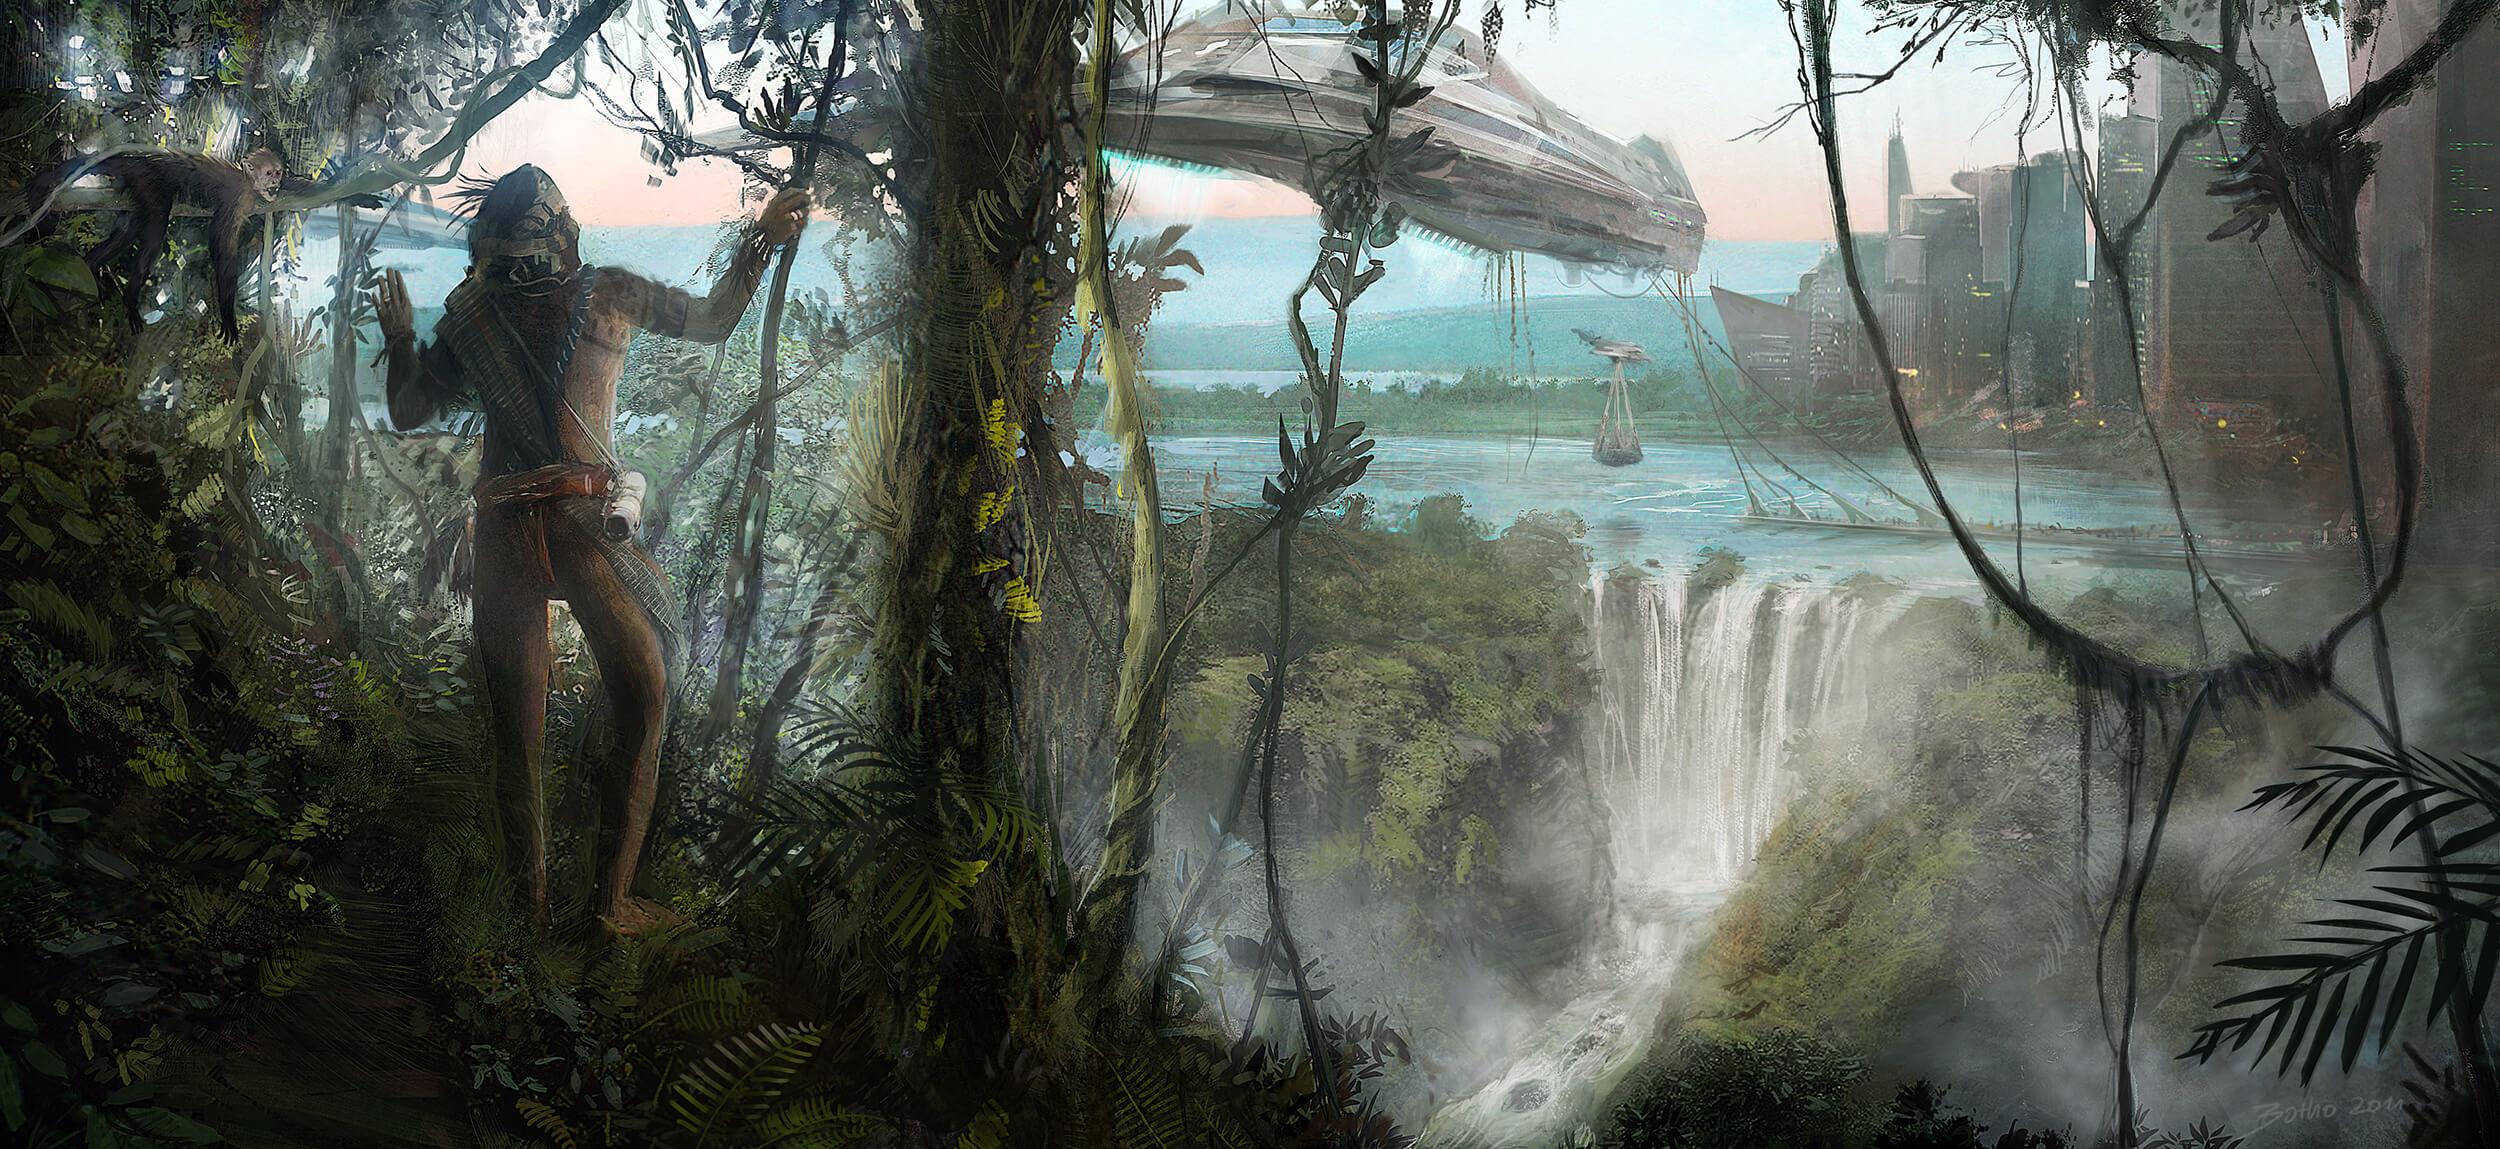 felix-haas-environment-concept-art-antagonism6